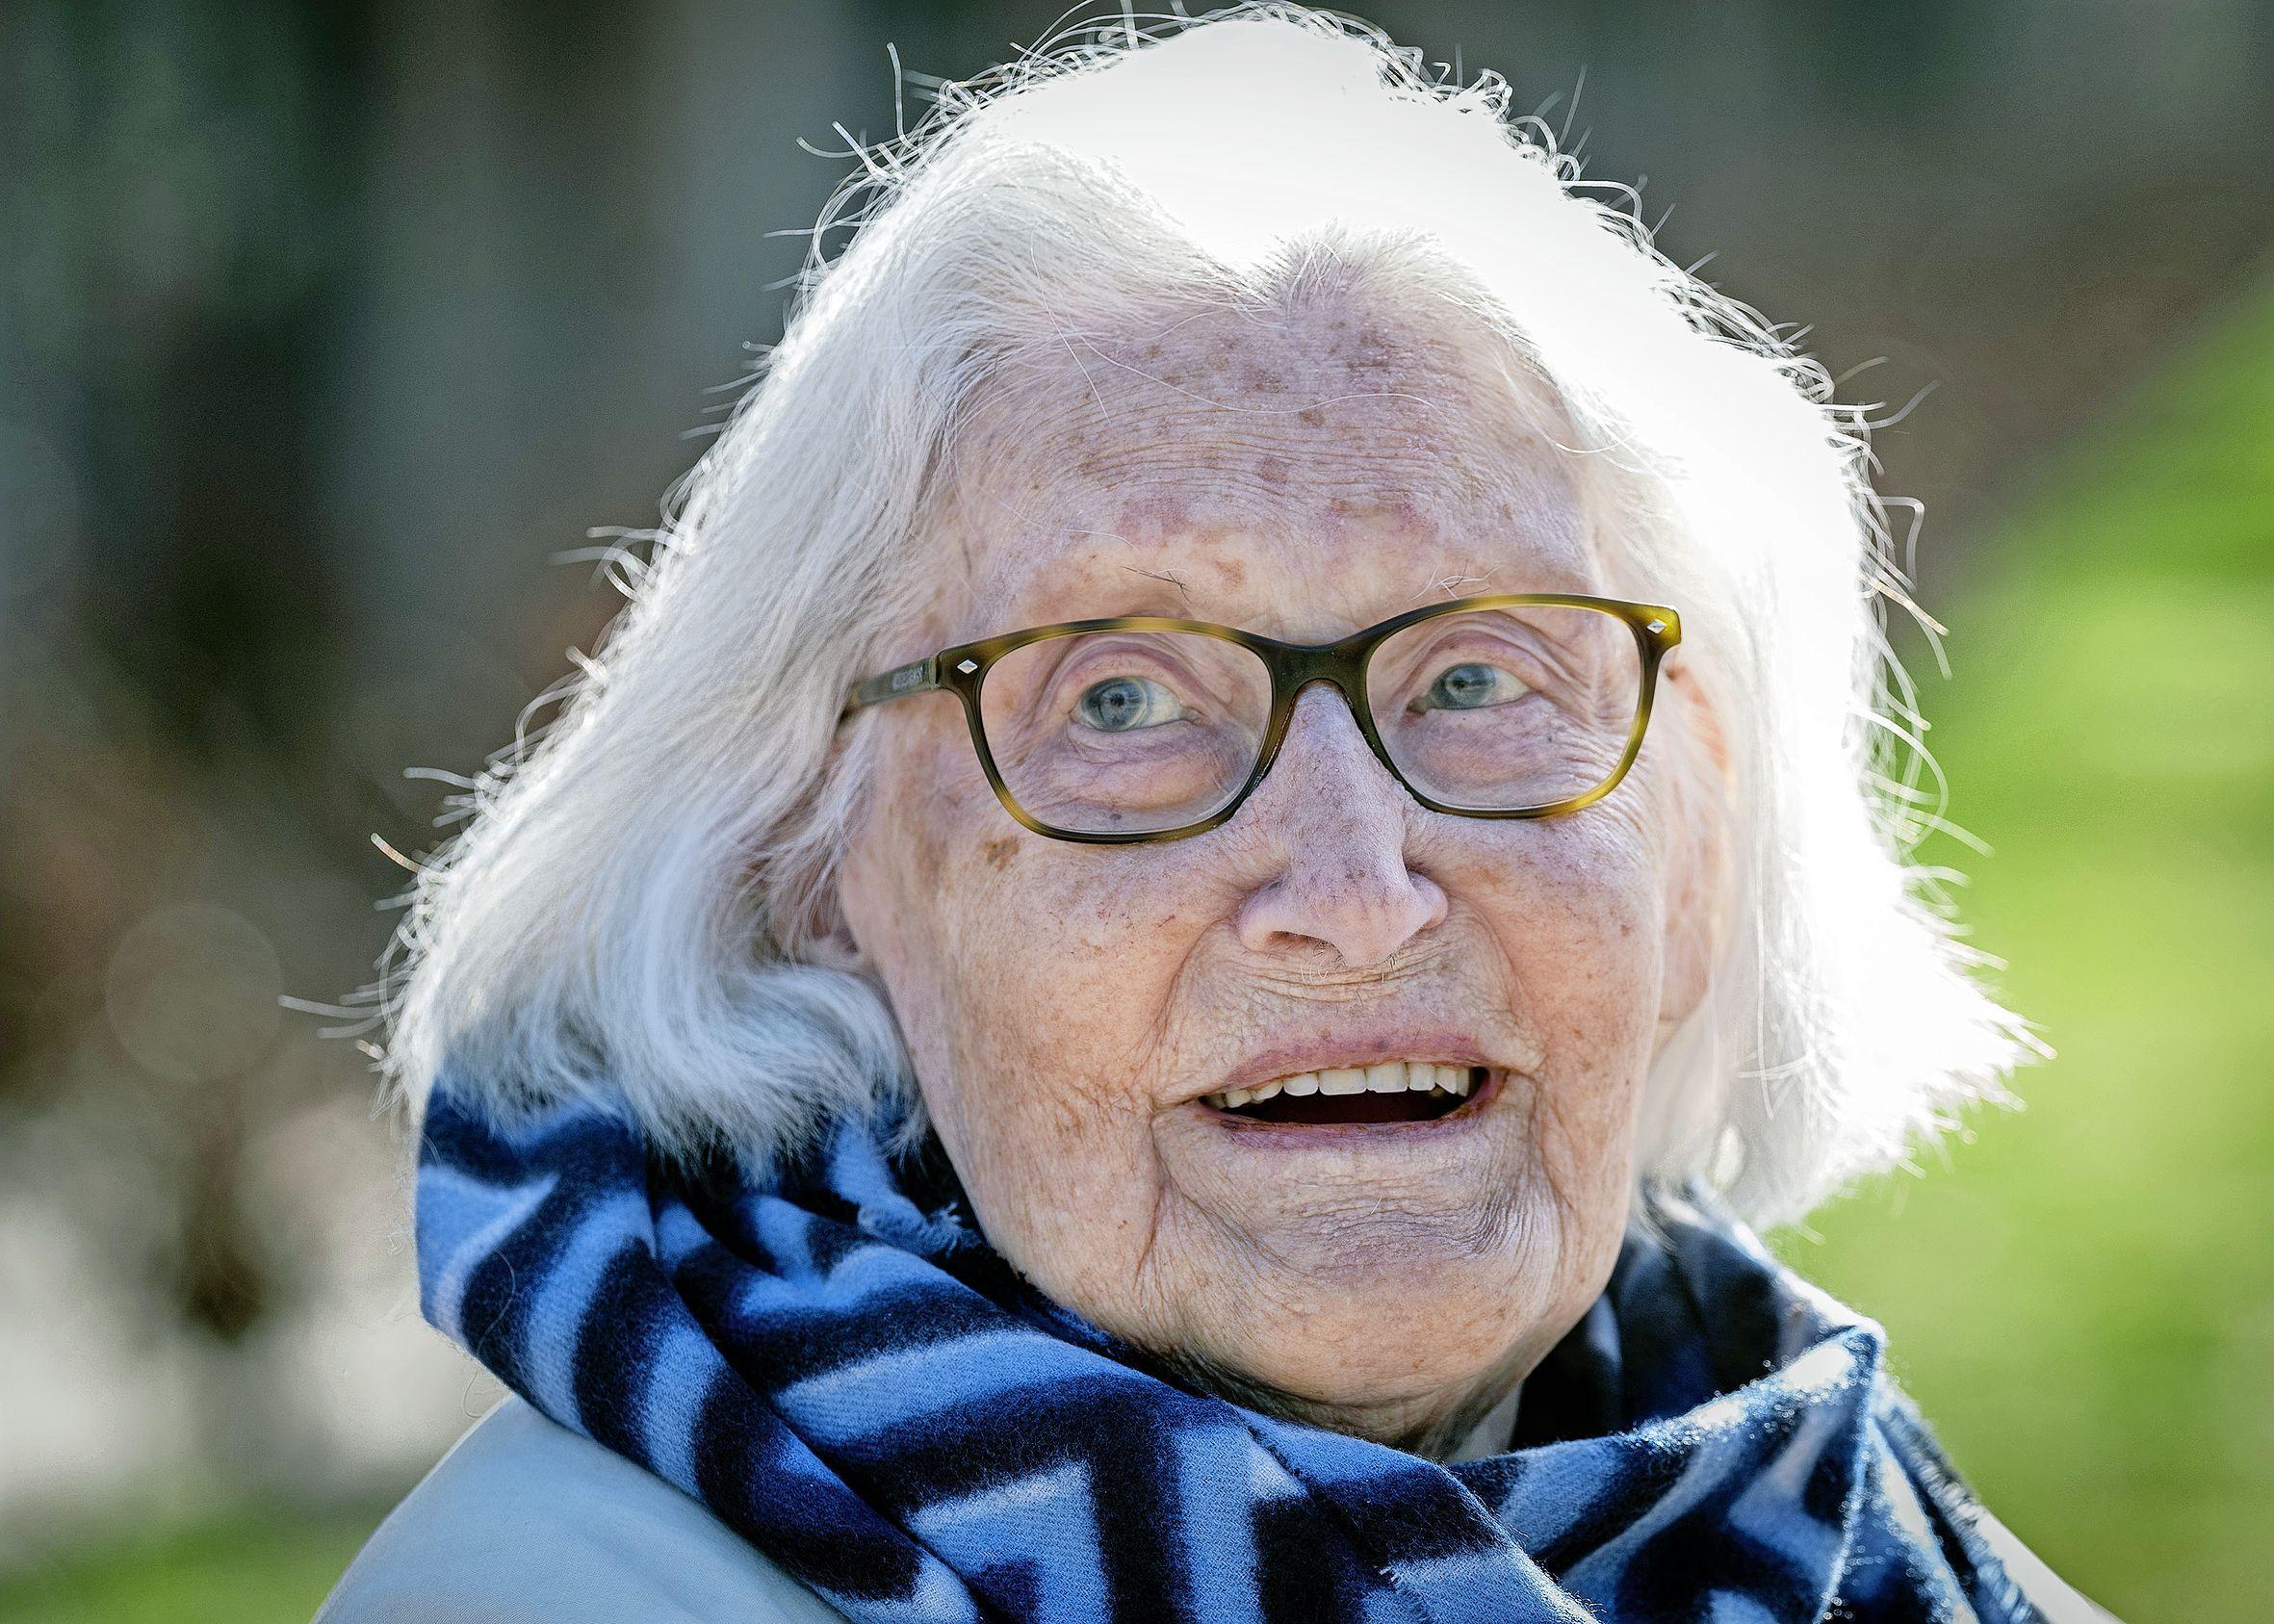 Bloemendaalse Mies Buré wordt zaterdag honderd jaar: 'Ik had het te druk om te trouwen'